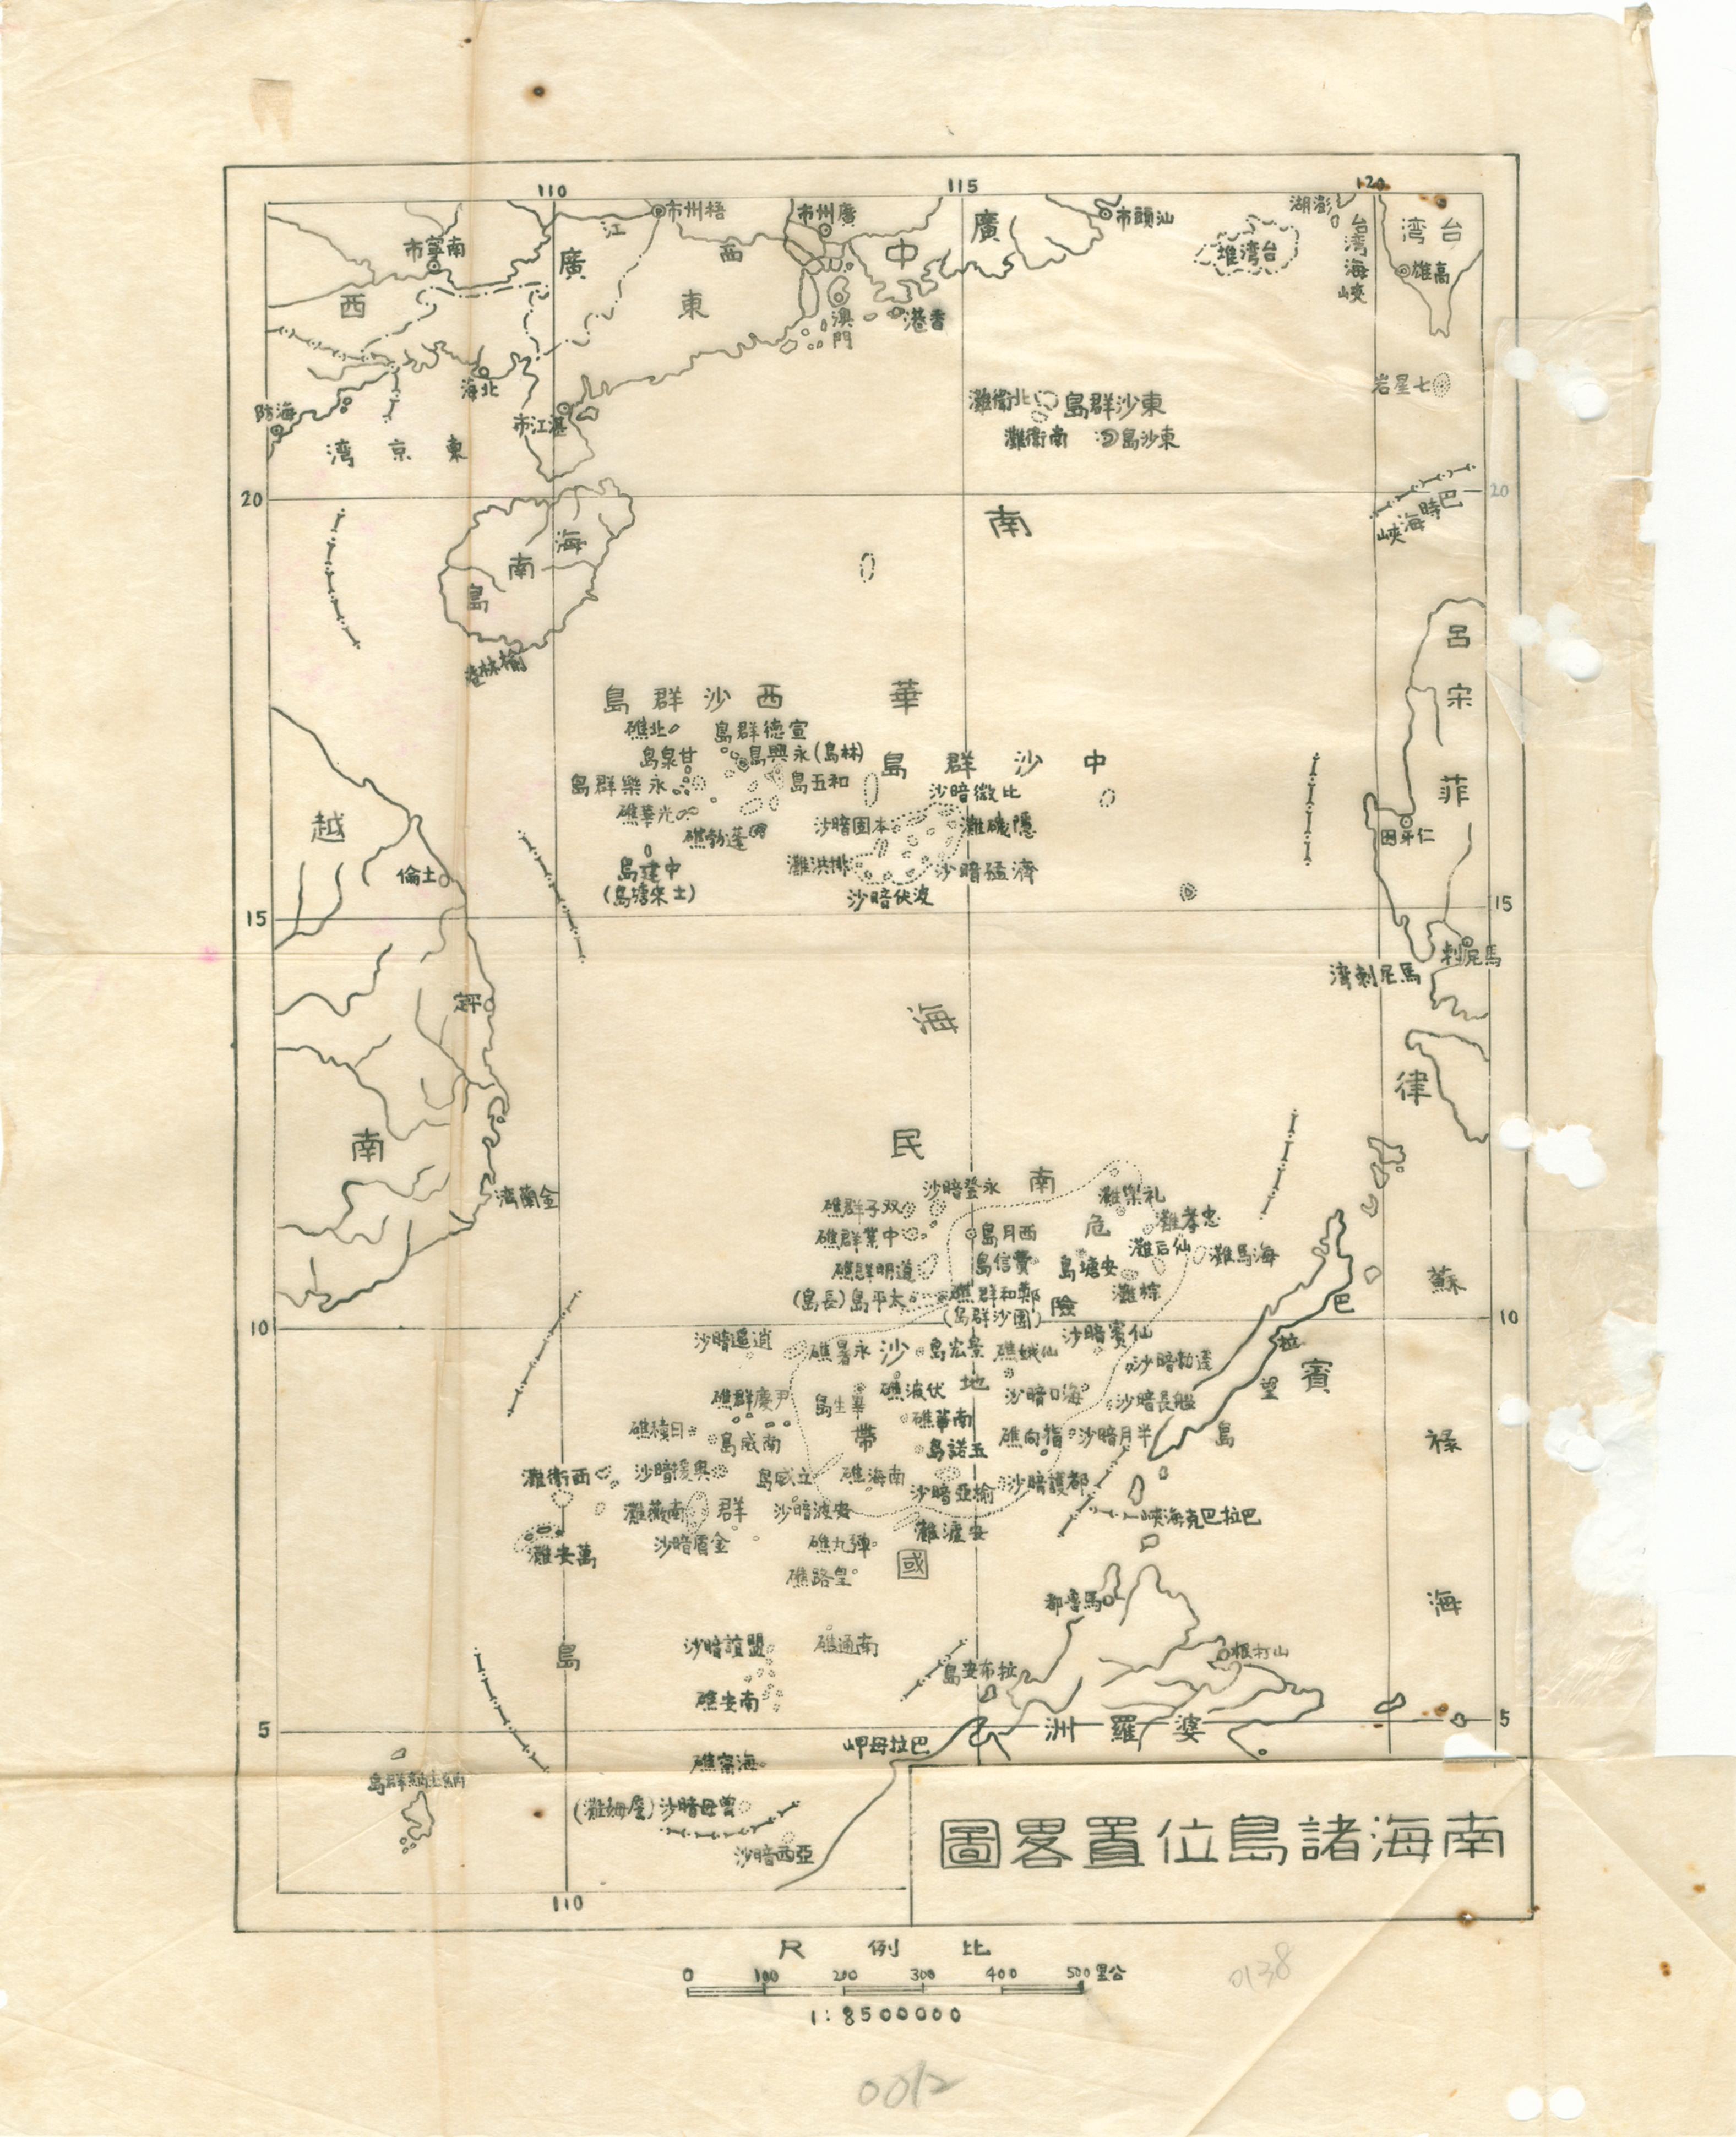 民國36年南海諸島位置圖.jpg